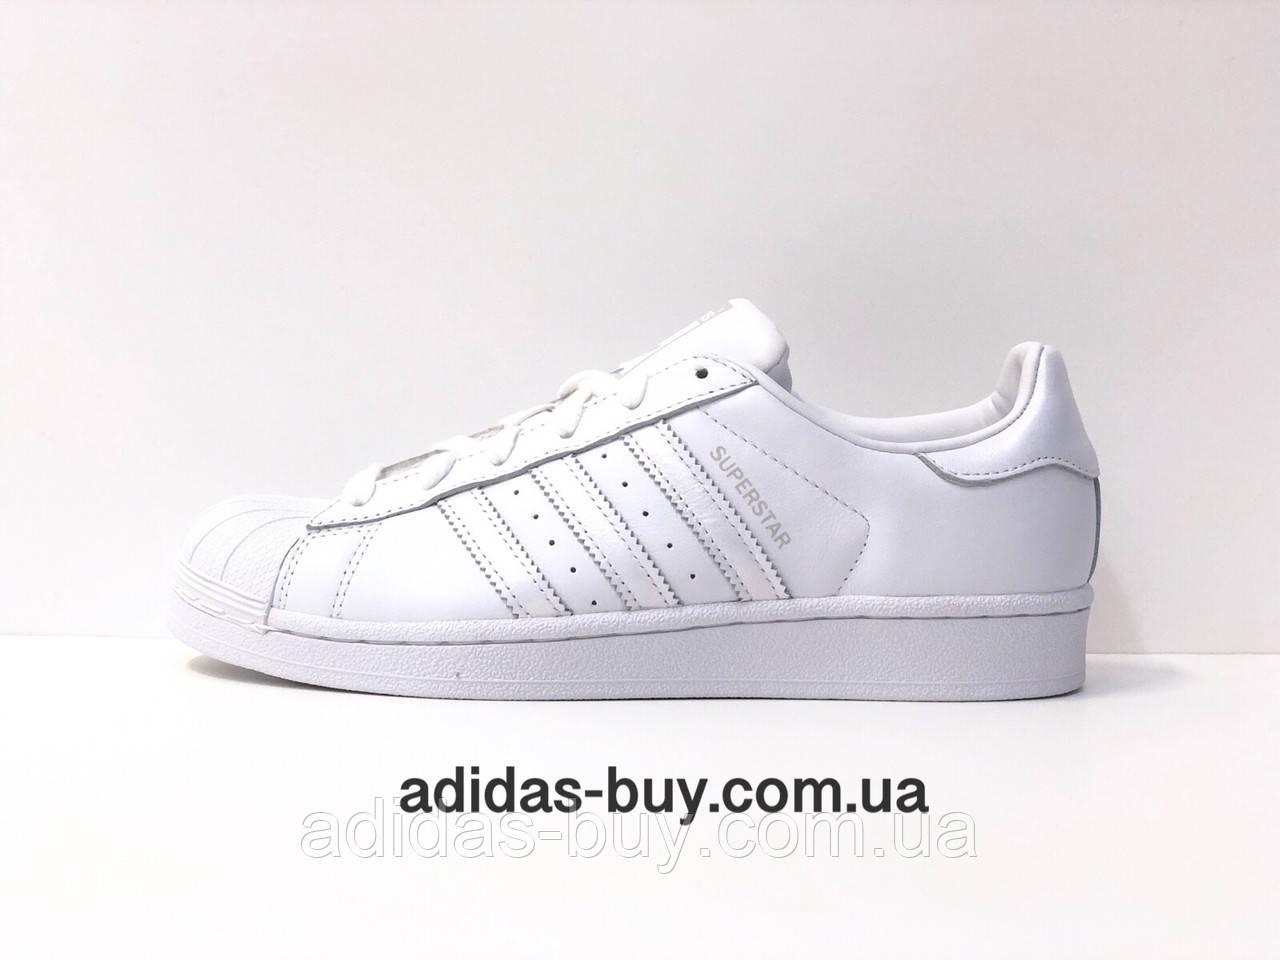 81e85a3ad Кроссовки кеды adidas оригинал SUPERSTAR AQ1214 женские повседневные из  кожи цвет:белый сезон:весна